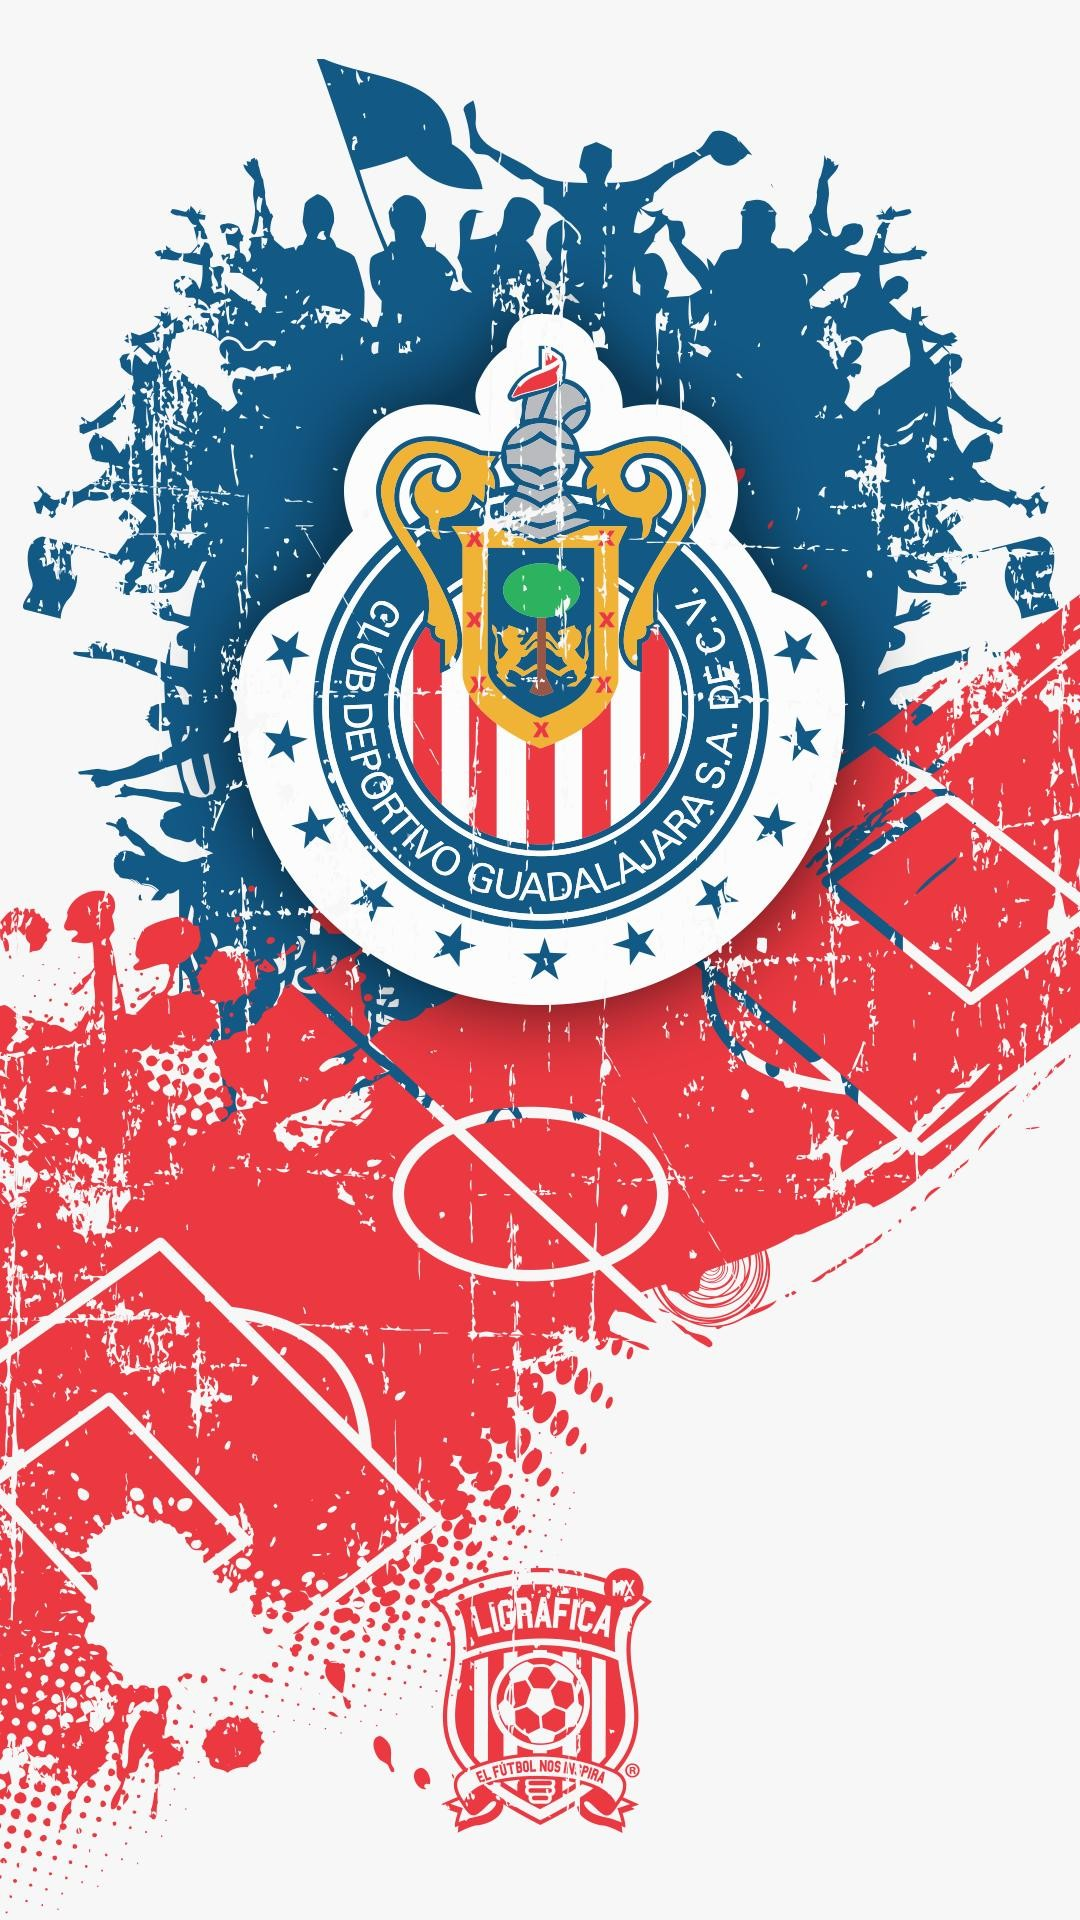 Chivas-LigraficaMX-%C2%B7131114CTG-wallpaper-3